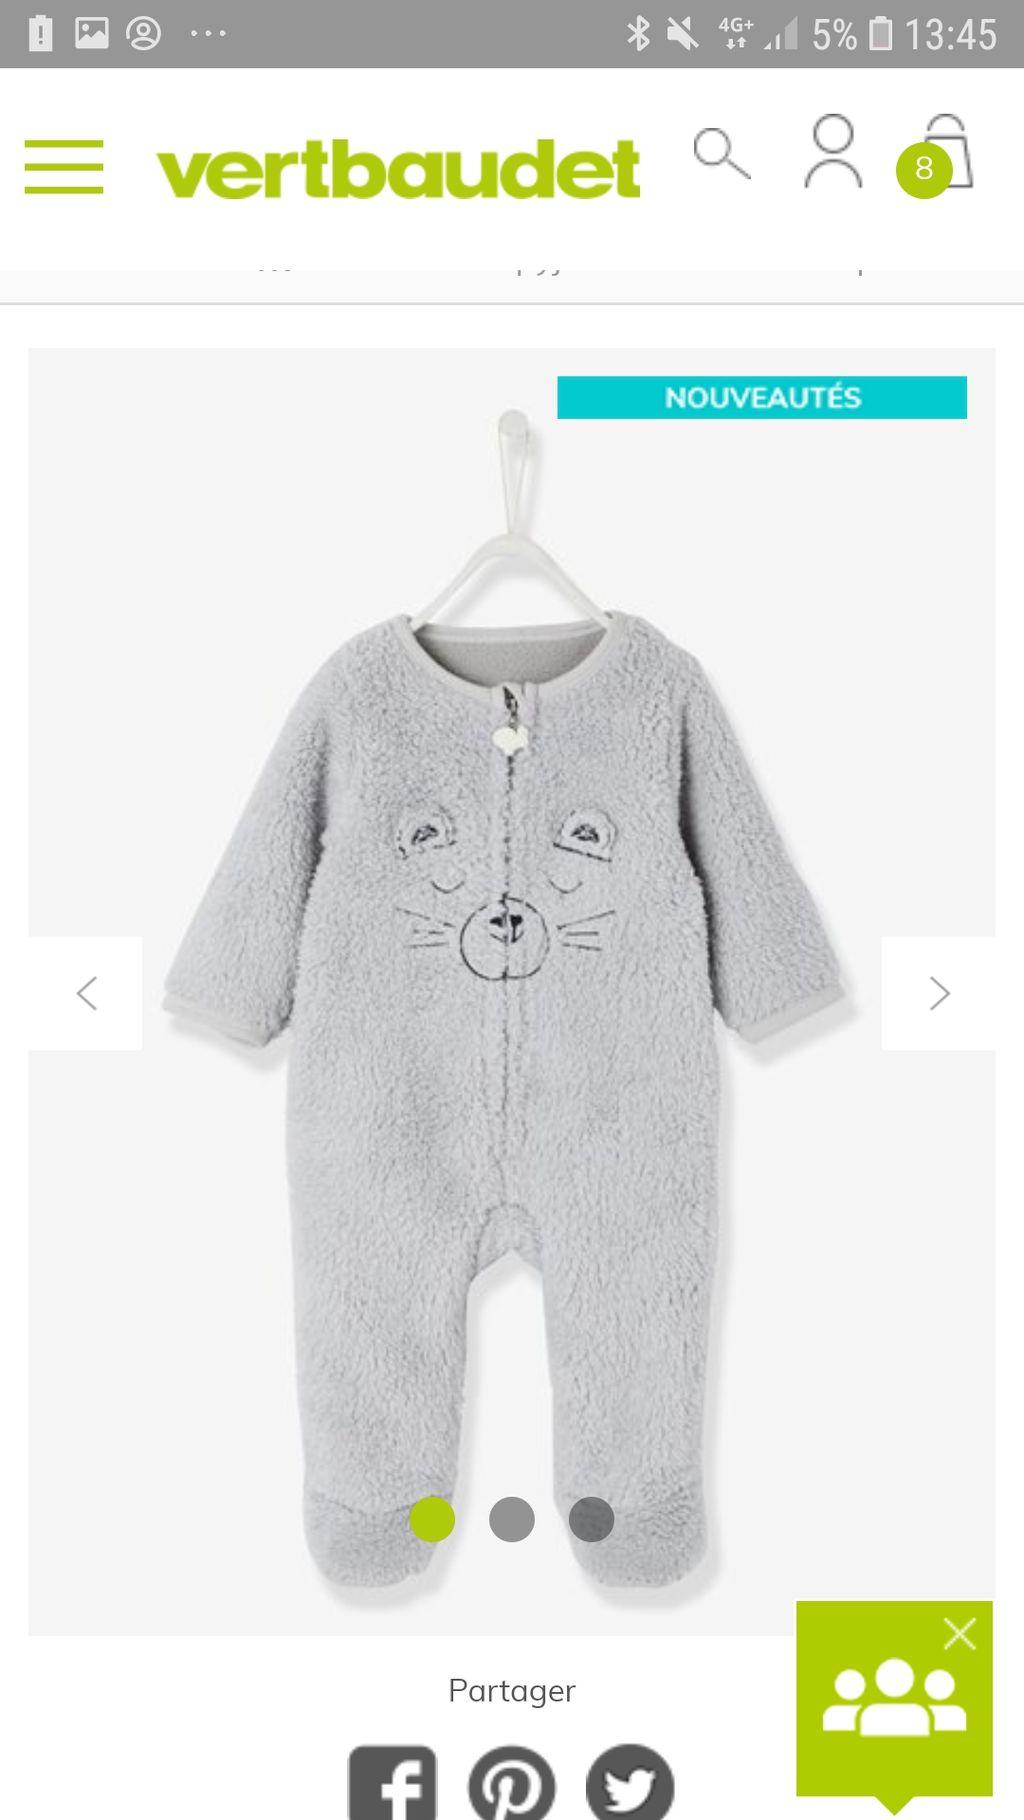 7c185d7b06161 Surpyjama bébé toucher peluche gris chiné - Vertbaudet